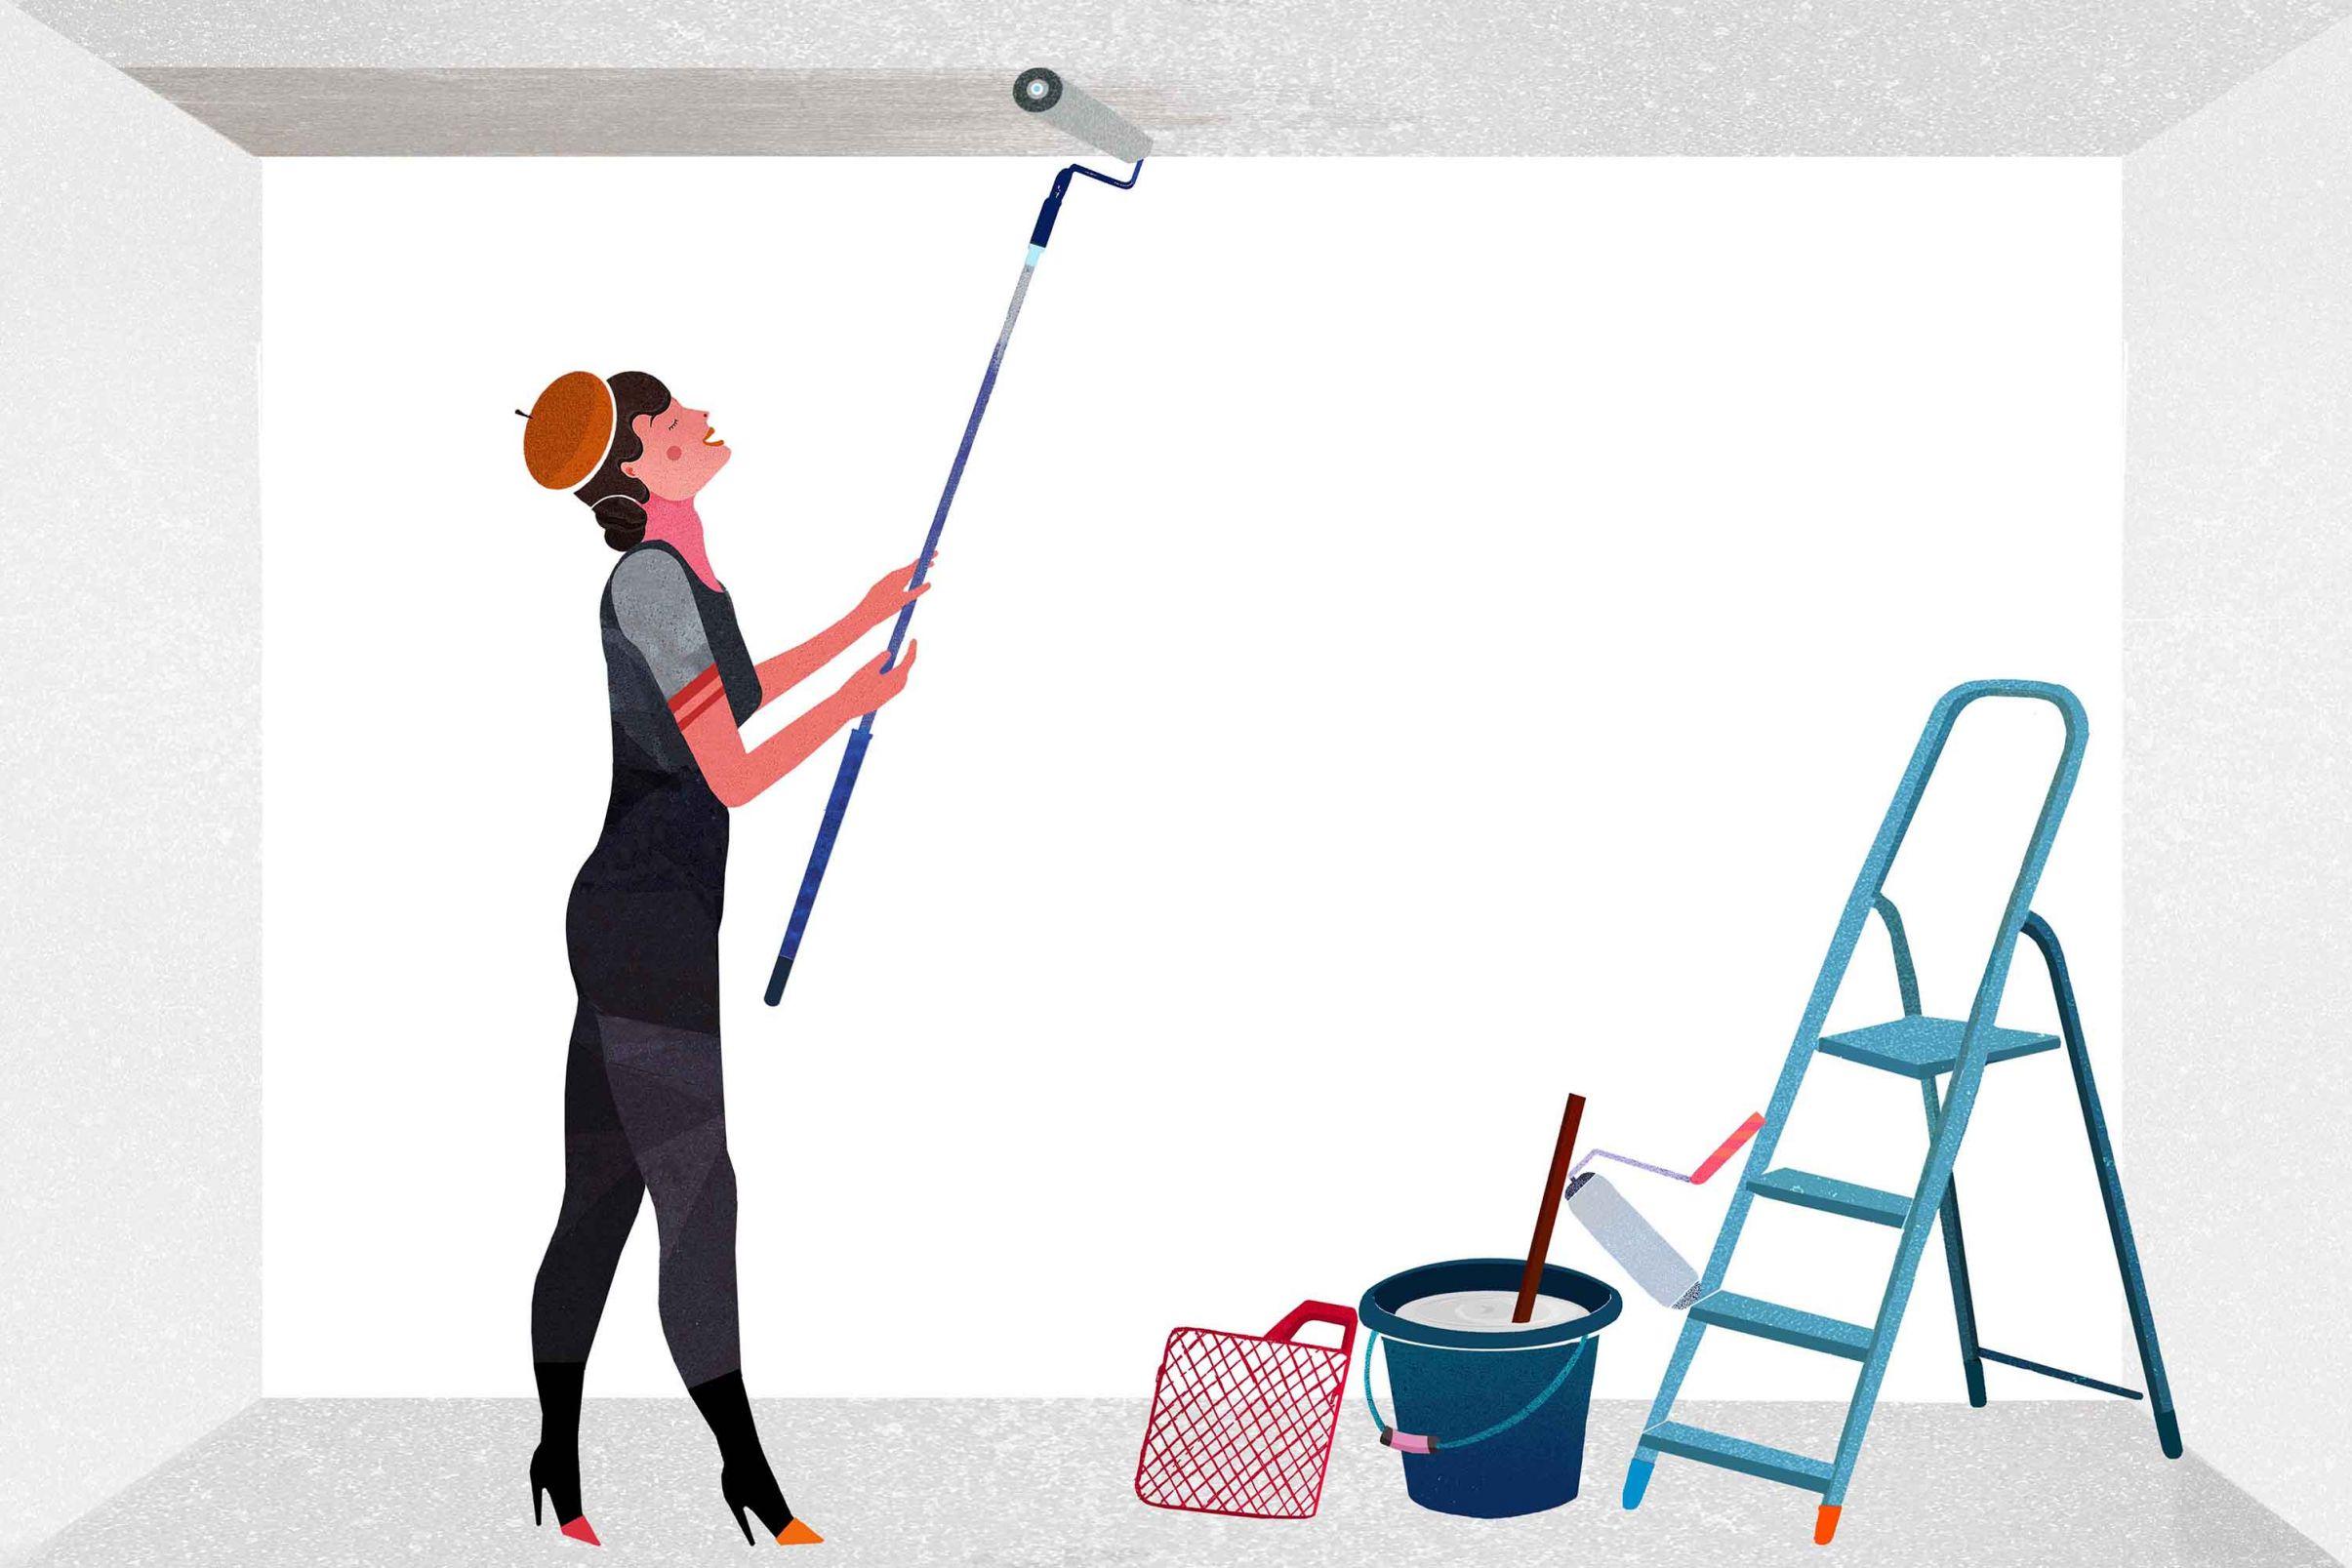 Come-tappezzare-il-soffitto-Applicare-la-pasta-adesiva-al-soffitto